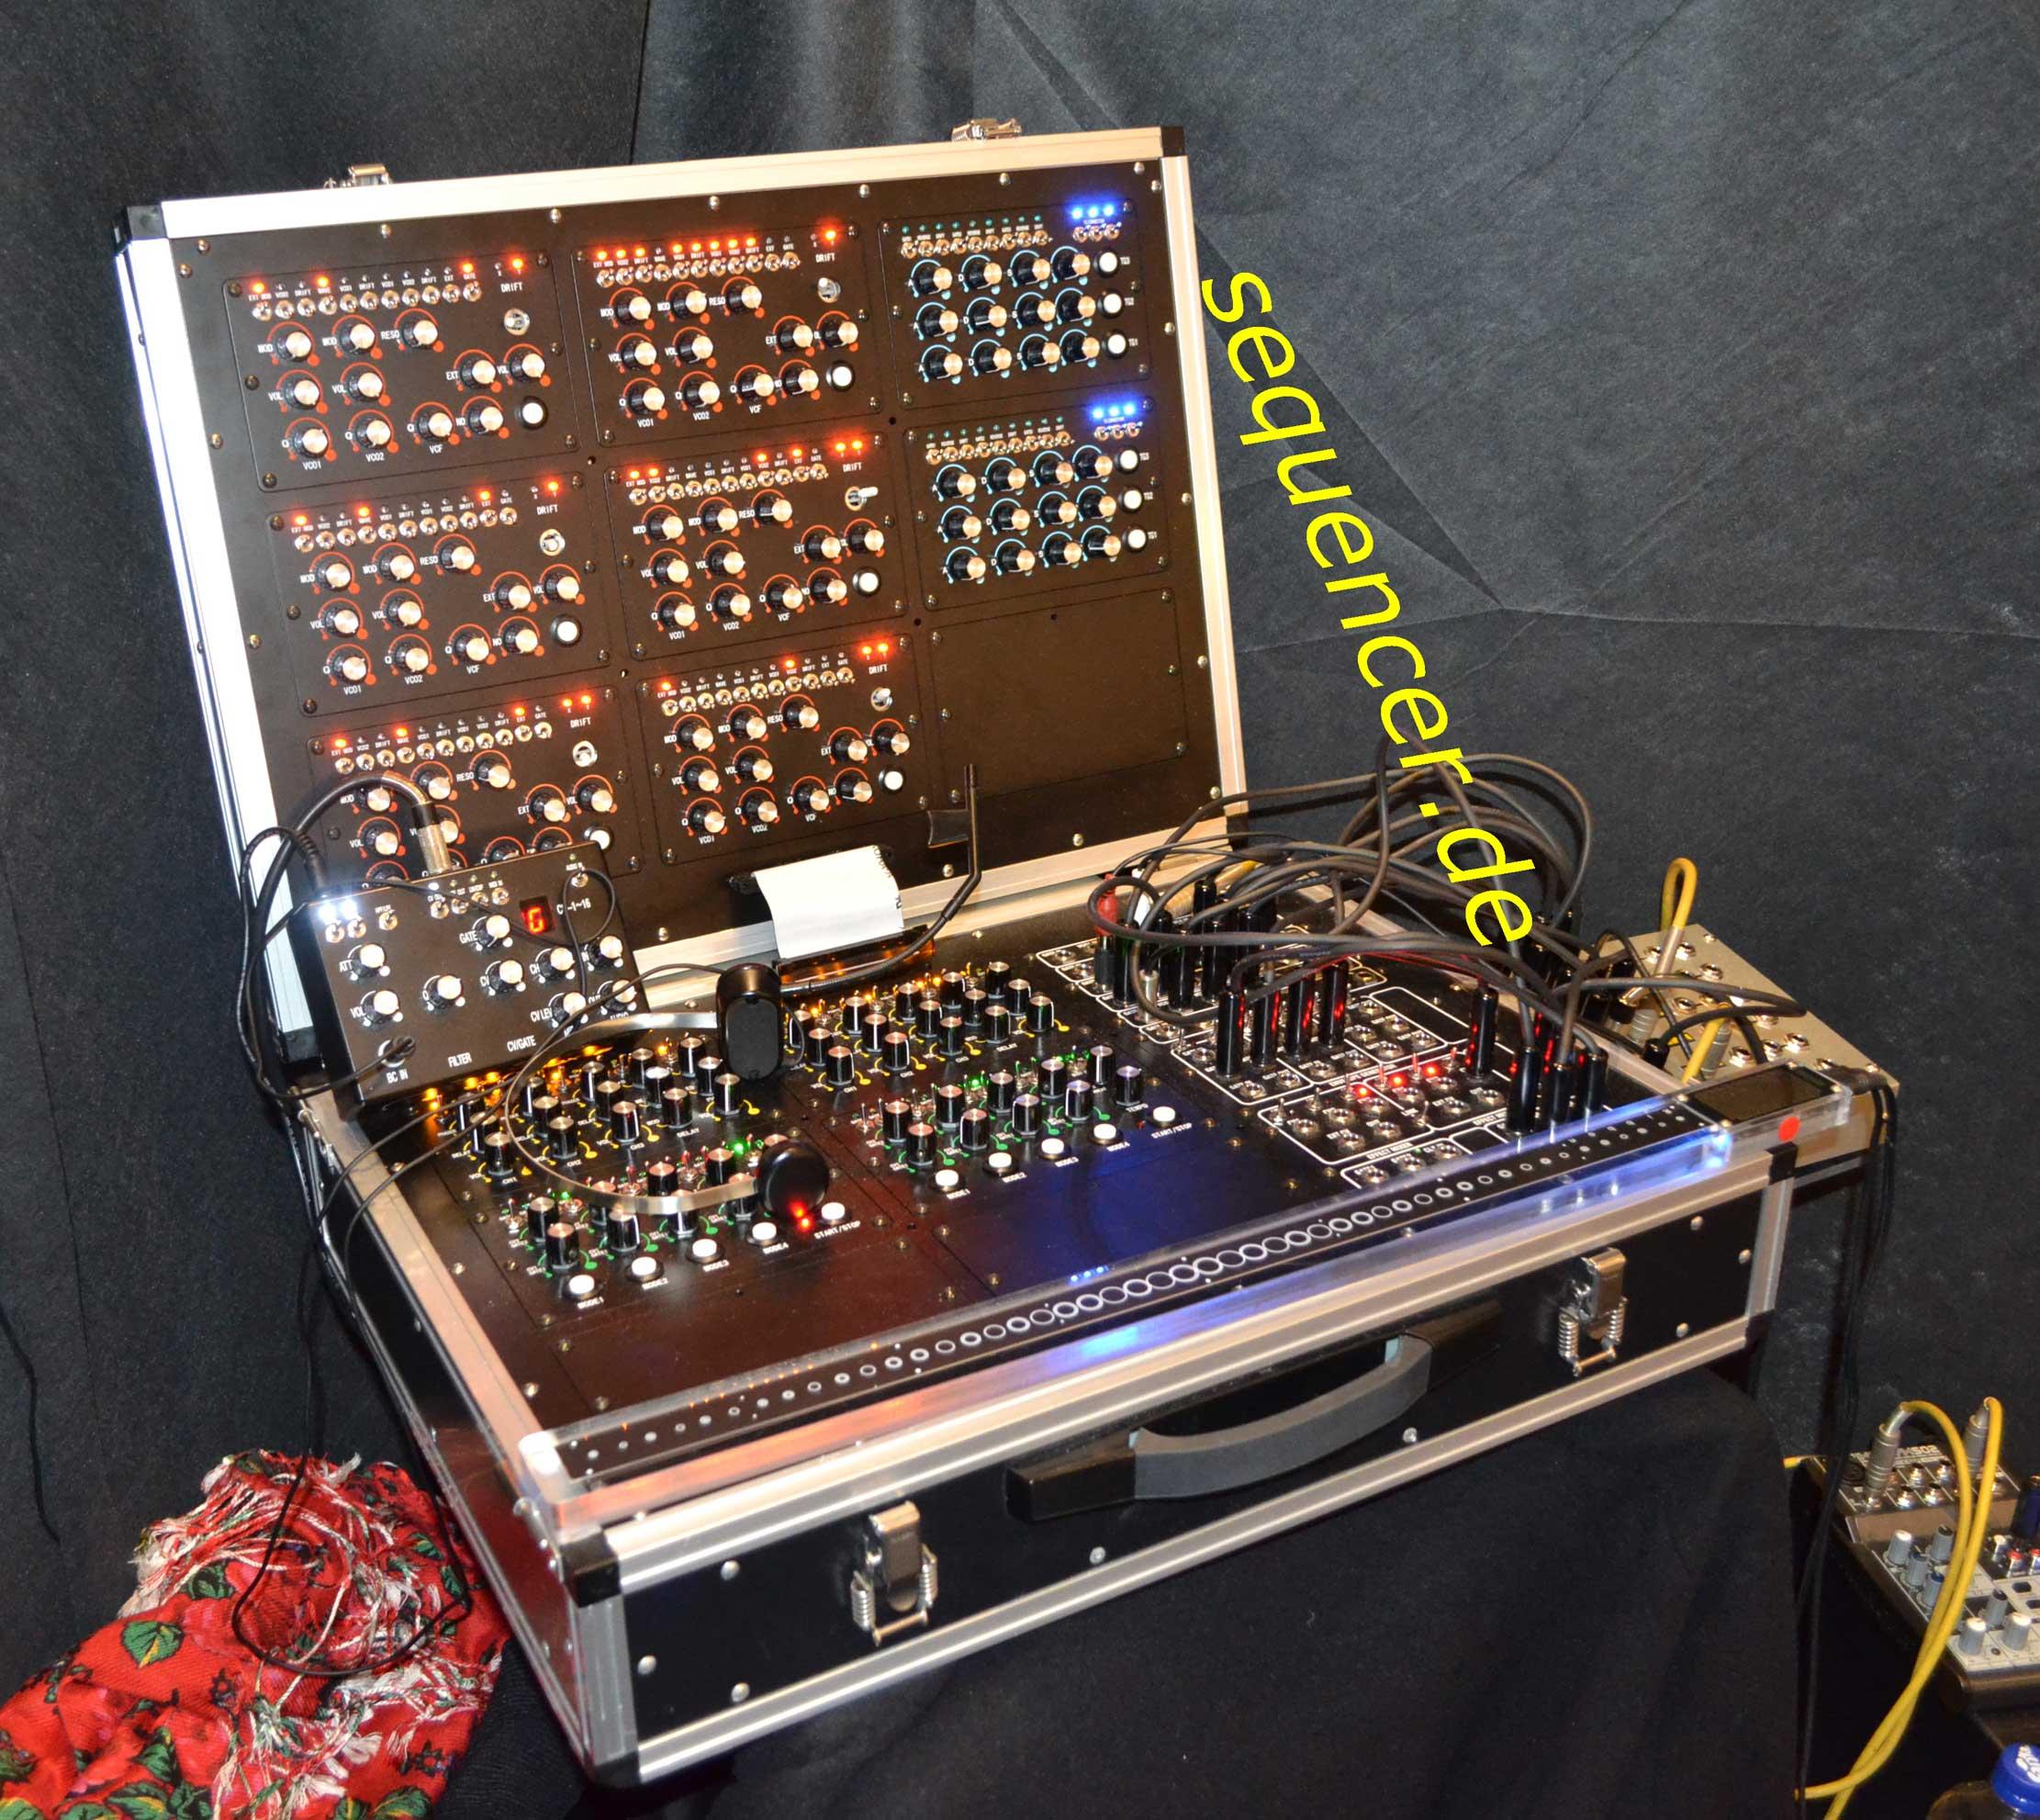 Reon Demo Box 2012, Musikmesse Reon Demo Box 2012, Musikmesse synthesizer